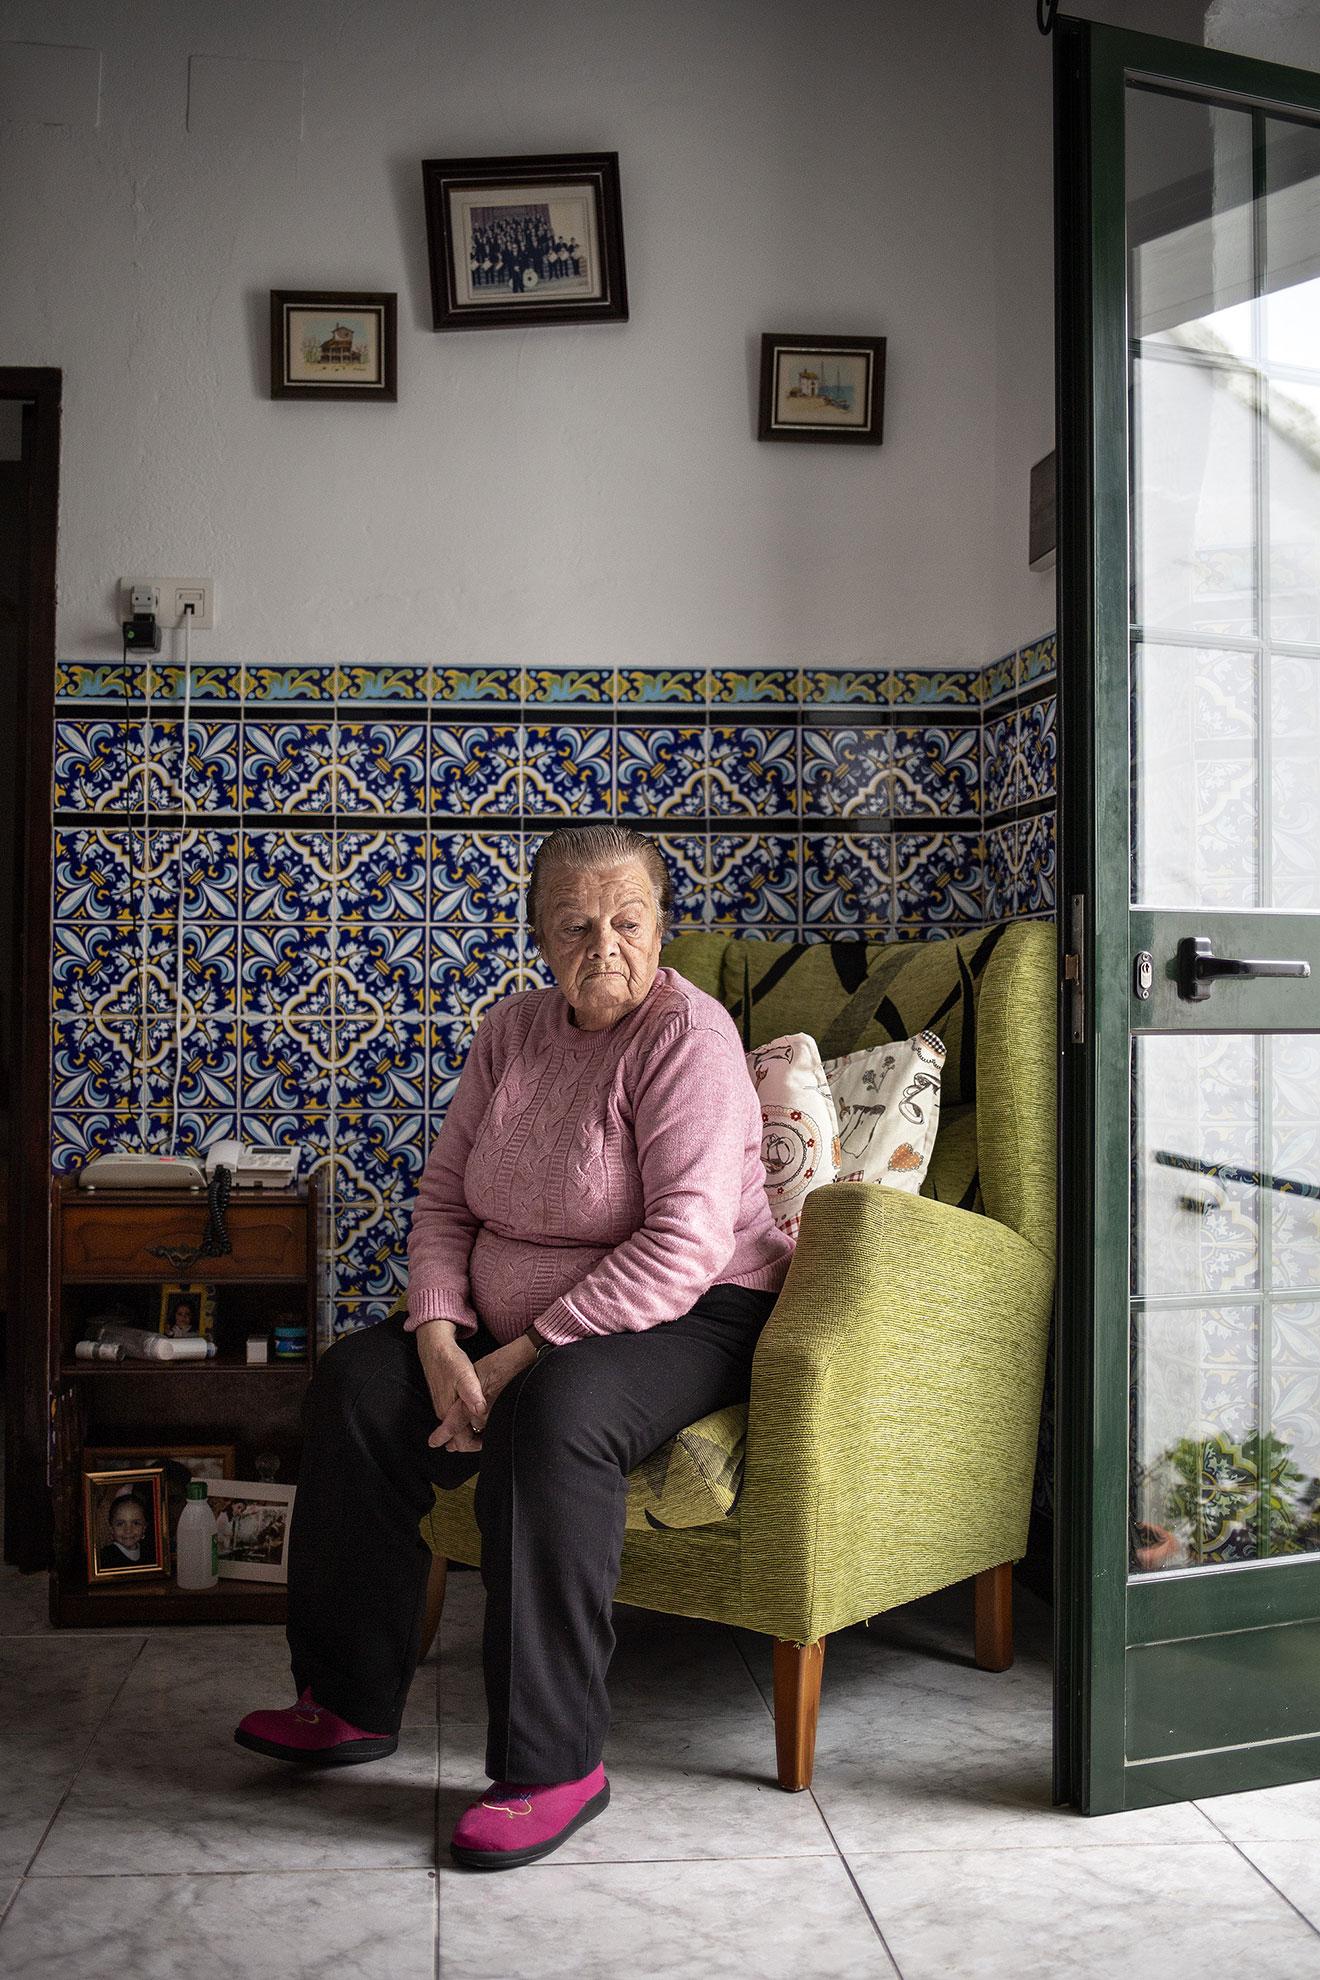 María Luisa tiene 82 años y vive sola en su casa de Aracena (Huelva). Desde que comenzó la pandemia no ha salido a la calle y son los servicios municipales de ayuda a domicilio los que ayudan en las compras diarias y las tareas domésticas. María Luisa, graciosa y dicharachera, se entretiene como puede, cocinando arroz con leche que luego comparte con algunas vecinas, viendo la TV o charlando por teléfono, pese a que la vista ya falla. En España se calcula que 2,3 millones de personas son mayores de 65 años que viven solos. Ellos, los más vulnerables al COVID19 están pasando el confinamiento en solitario, rodeados de recuerdos y esperando una visita de familiares que nunca llega.